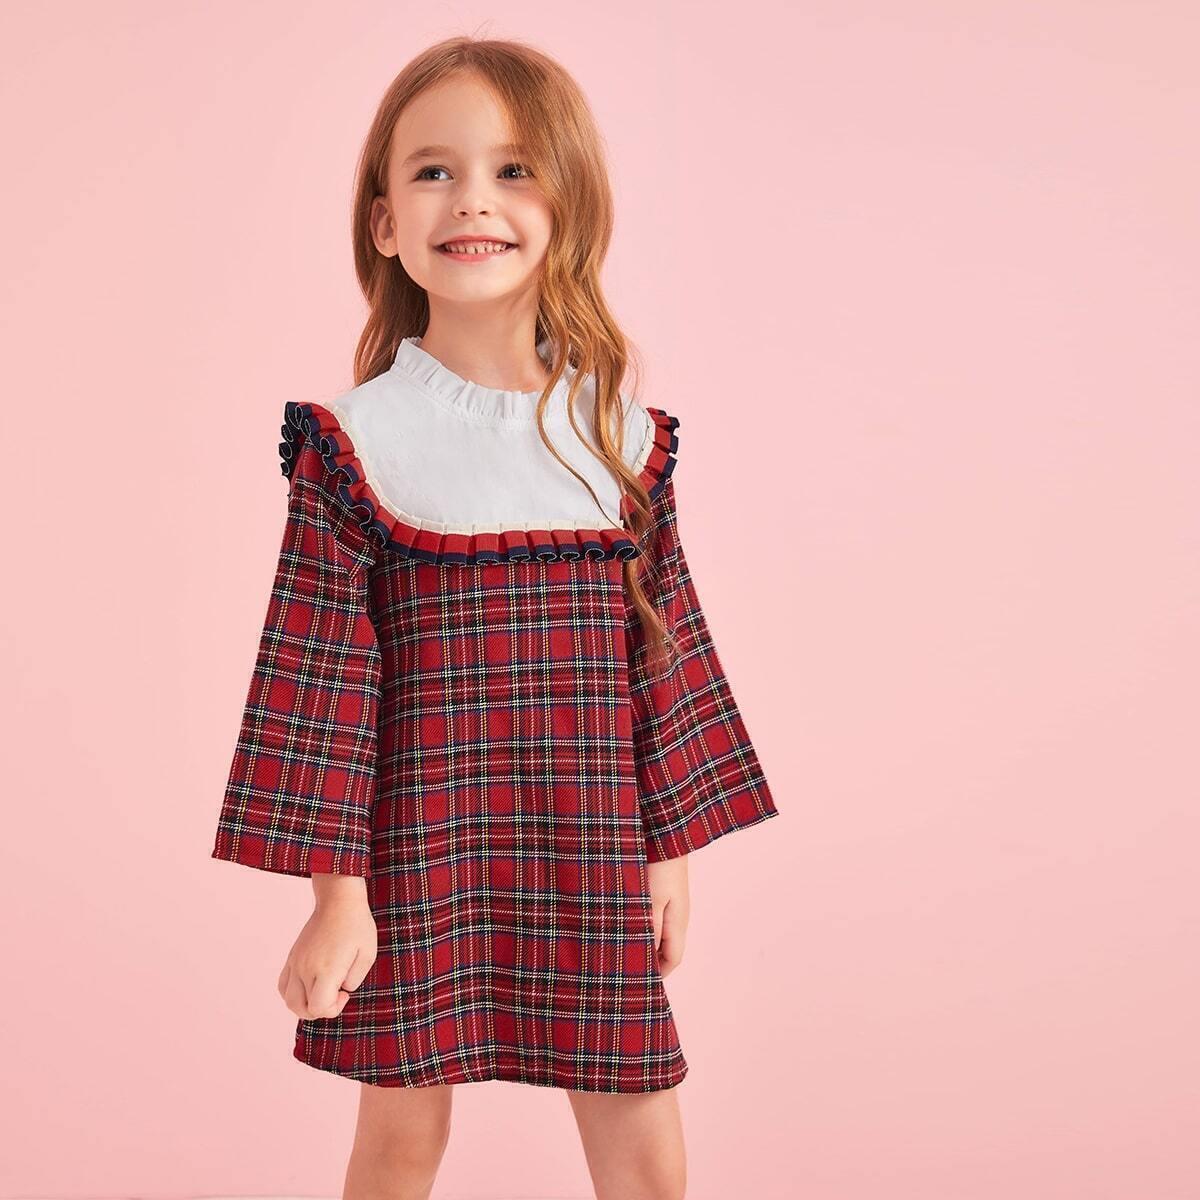 SHEIN / Kleinkind Mädchen Tunika Kleid mit Kontrast Einsatz, Rüschenbesatz und Karo Muster